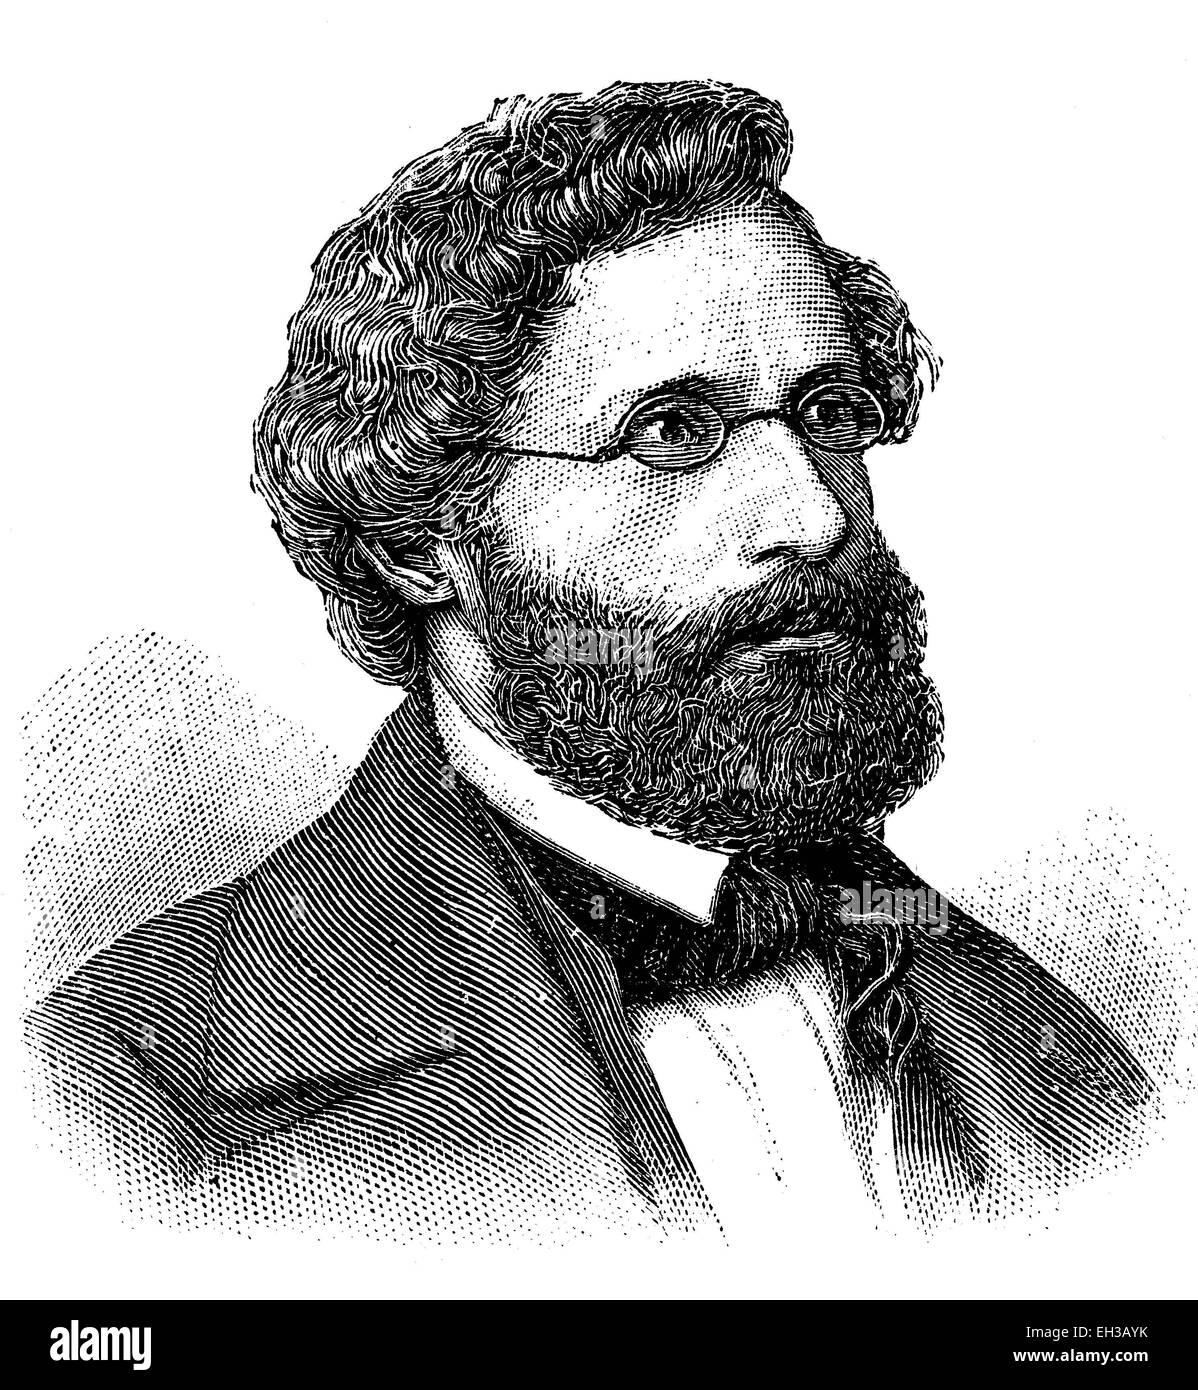 Friedrich Siegmund Jucho (1805-1884 ) war ein deutscher Jurist, Notar und Politiker. 1848 war er als Abgeordneter - Stock Image